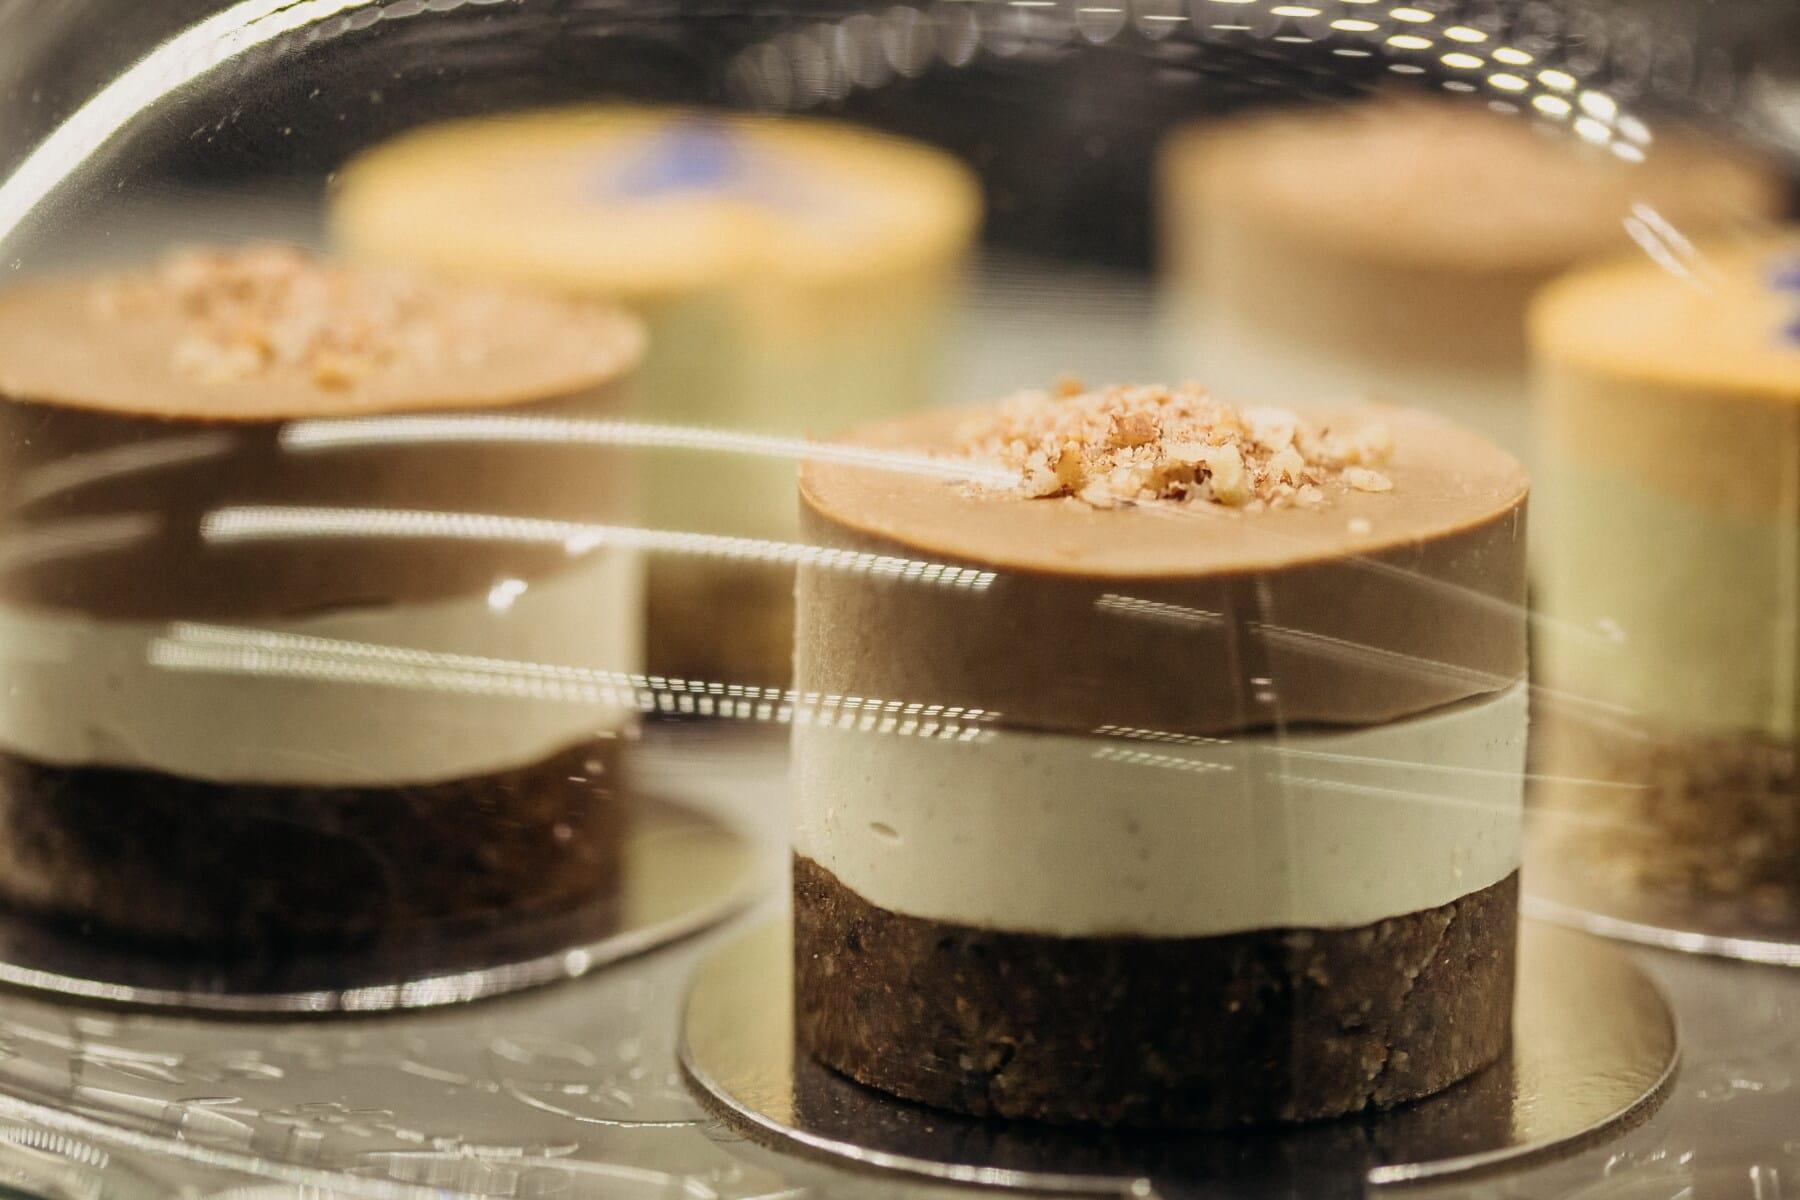 蛋糕店, 美味, 蛋糕, 下面, 玻璃, 餐饮, 巧克力, 碗, 黑暗, 烤